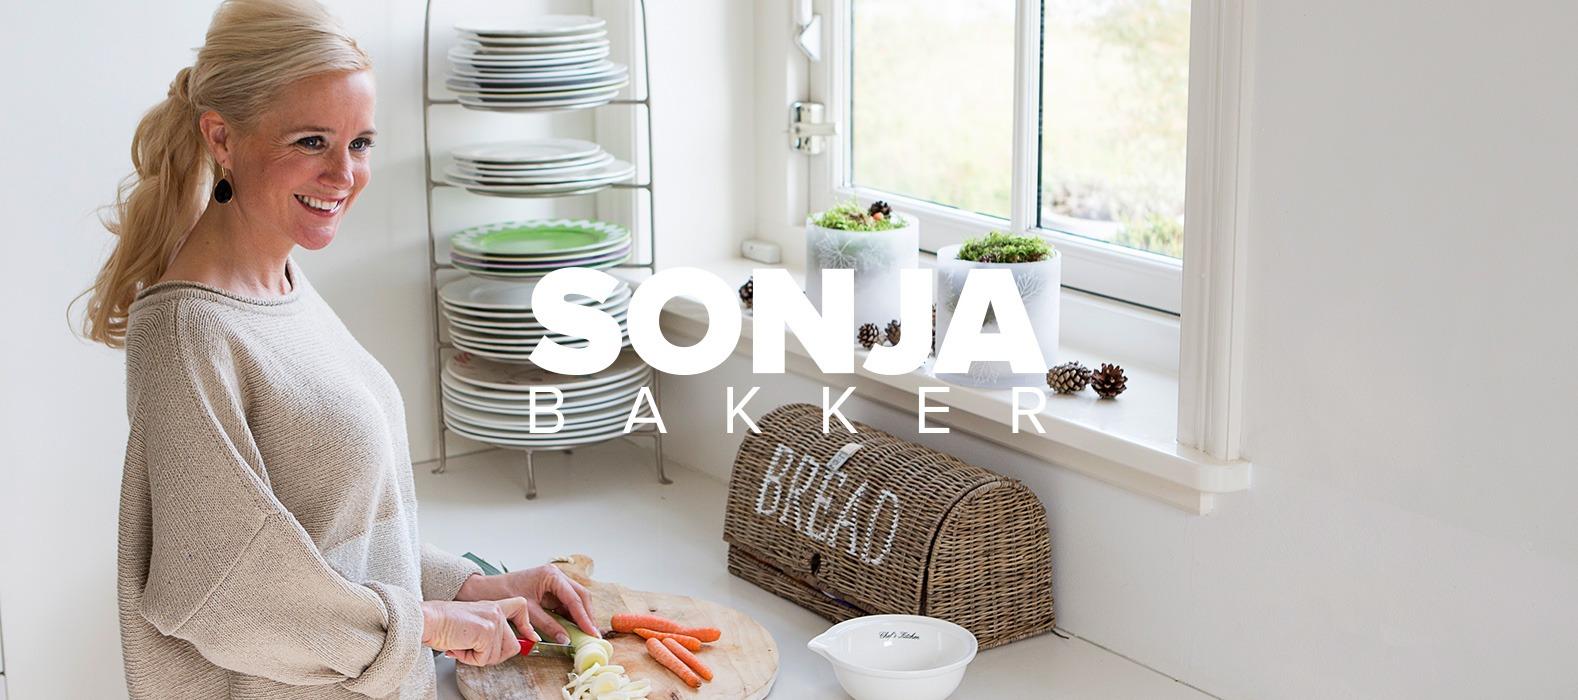 Een fraai plaatje bij Sonja Bakker